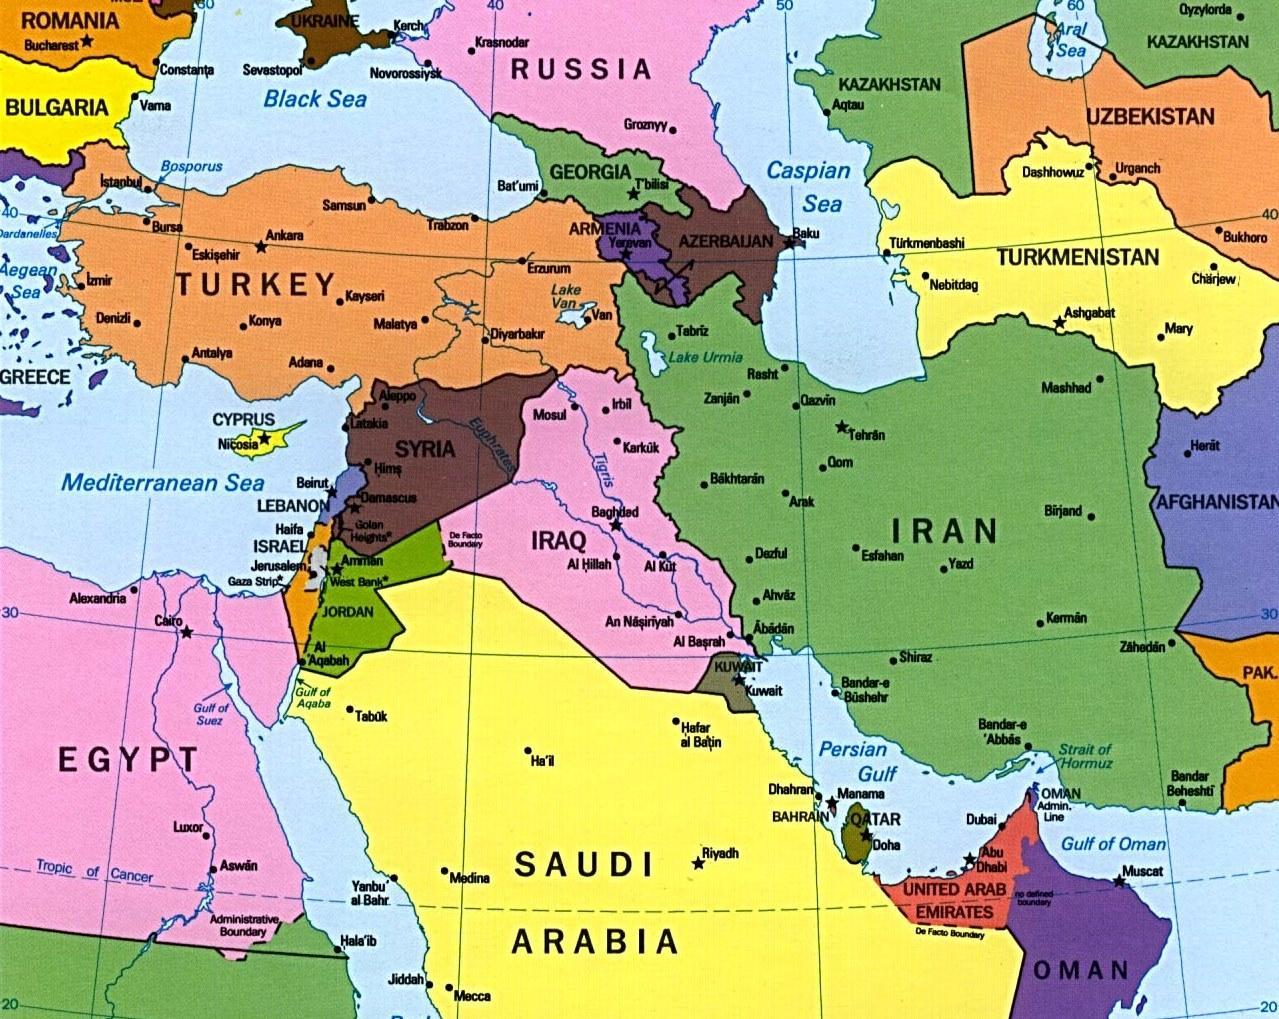 Kypr Mapa Stredniho Vychodu Mapa Kypru A Blizkem Vychode Jizni